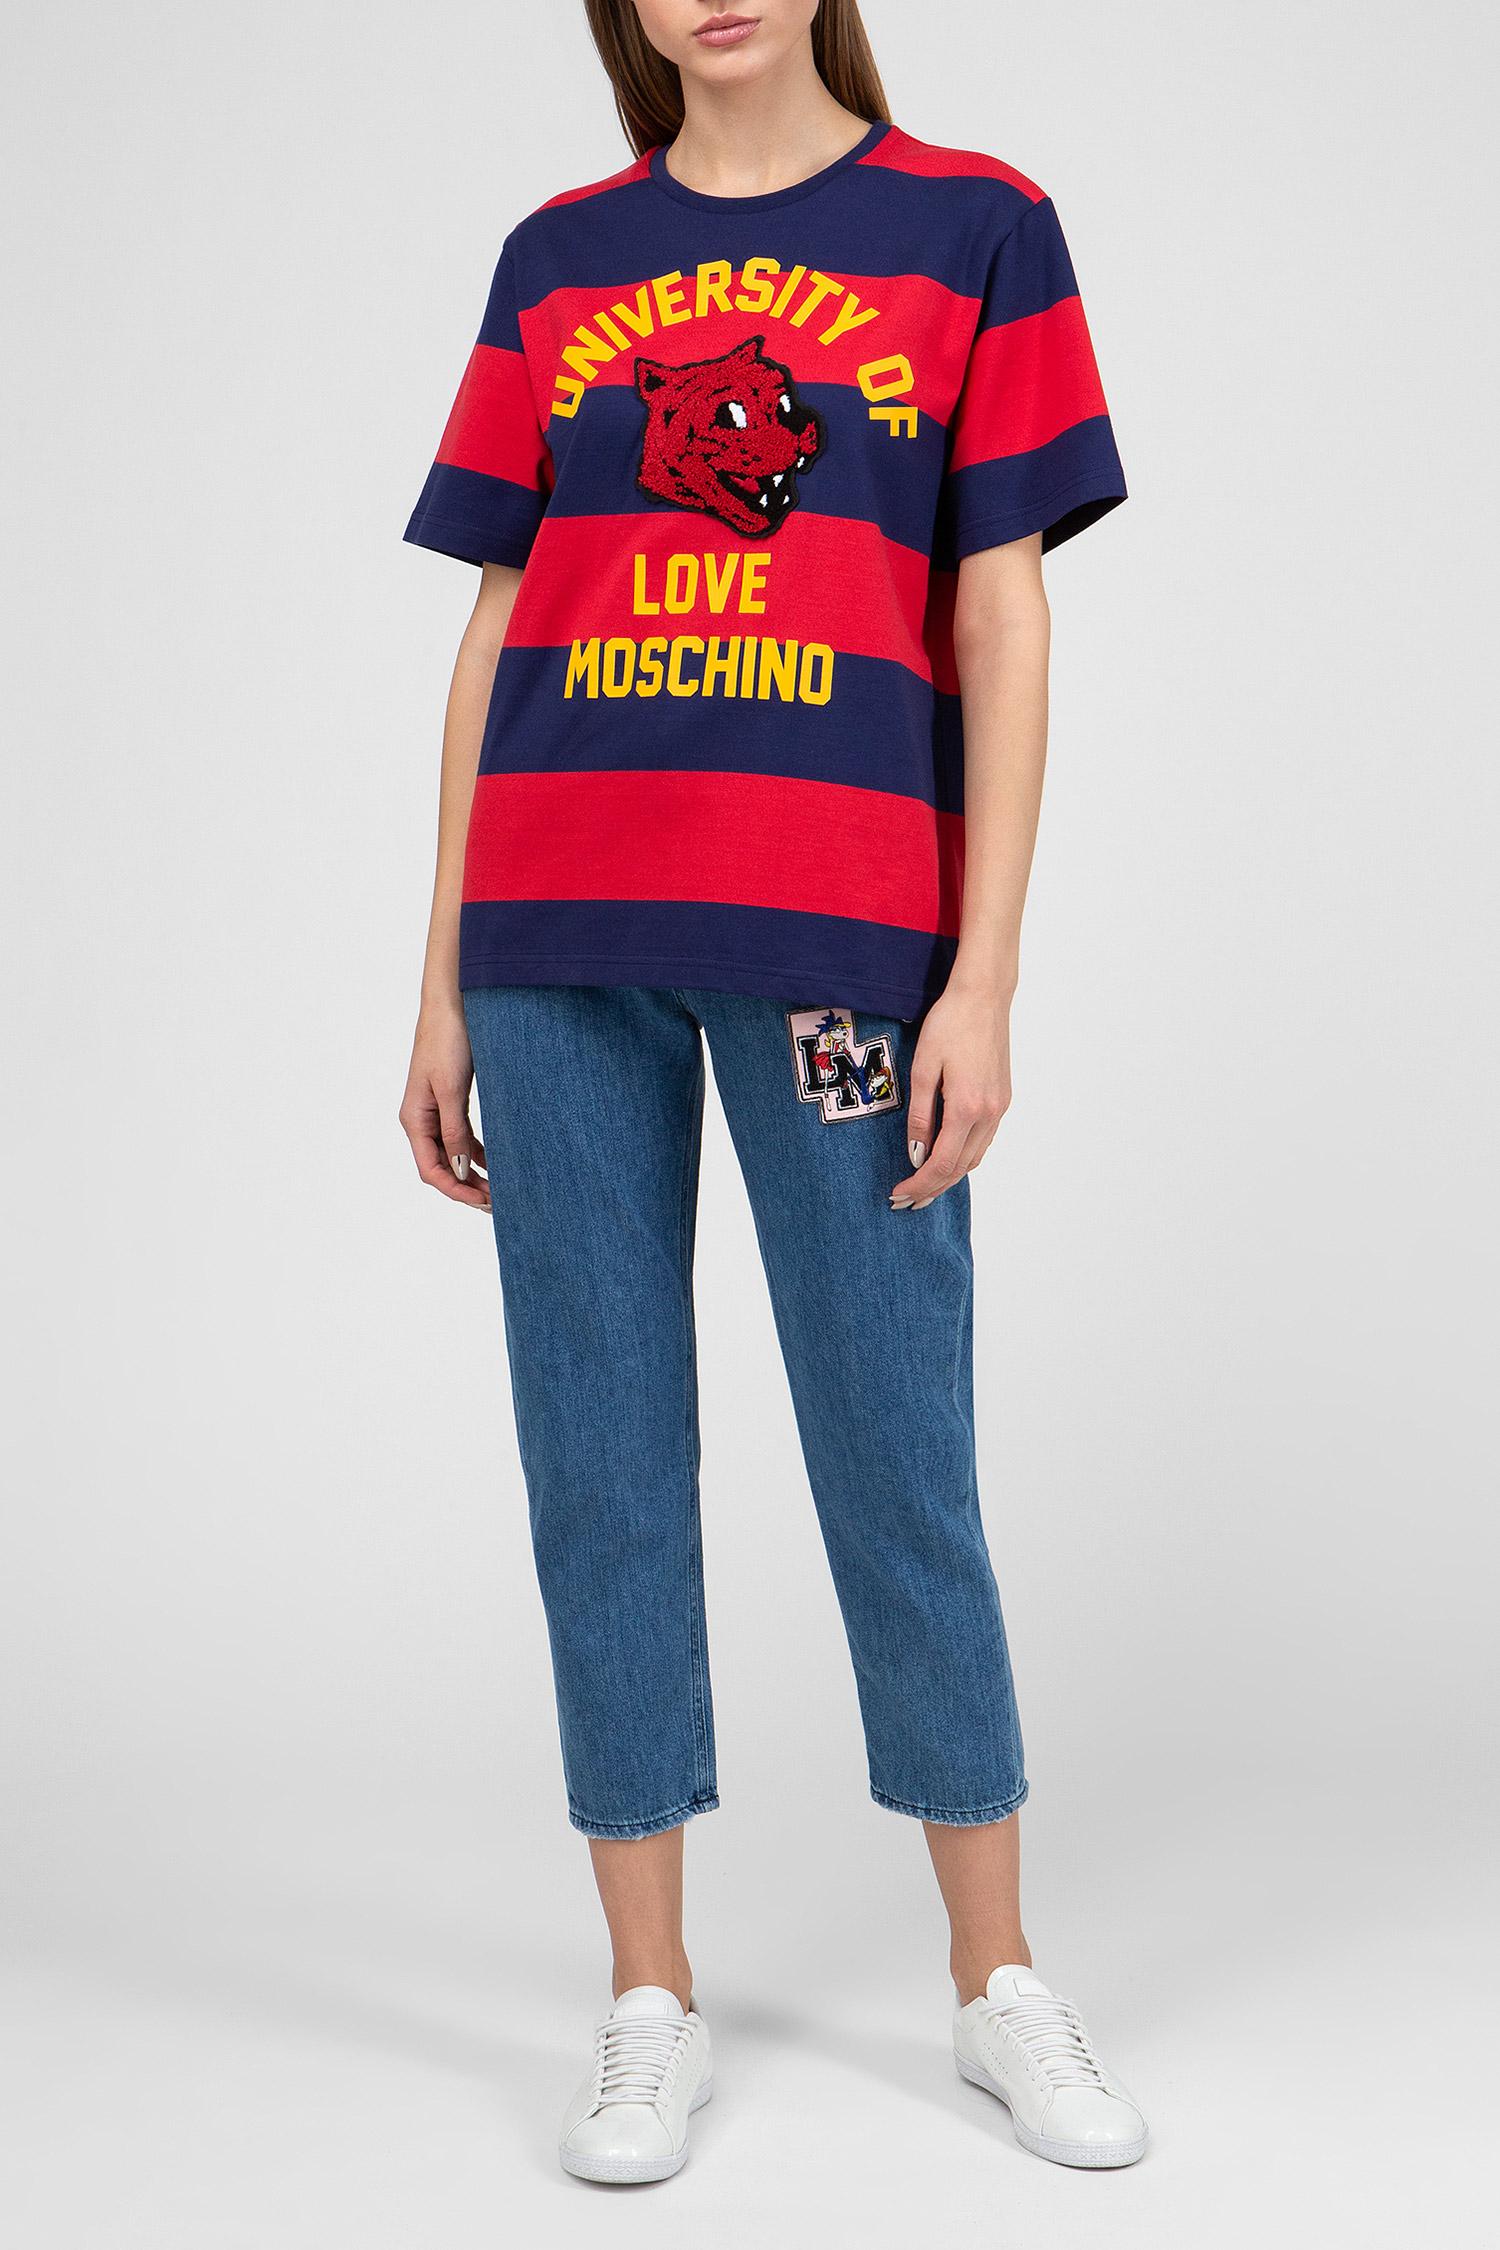 Купить Женская футболка в полоску Love Moschino Love Moschino W4F8717M40052008 – Киев, Украина. Цены в интернет магазине MD Fashion